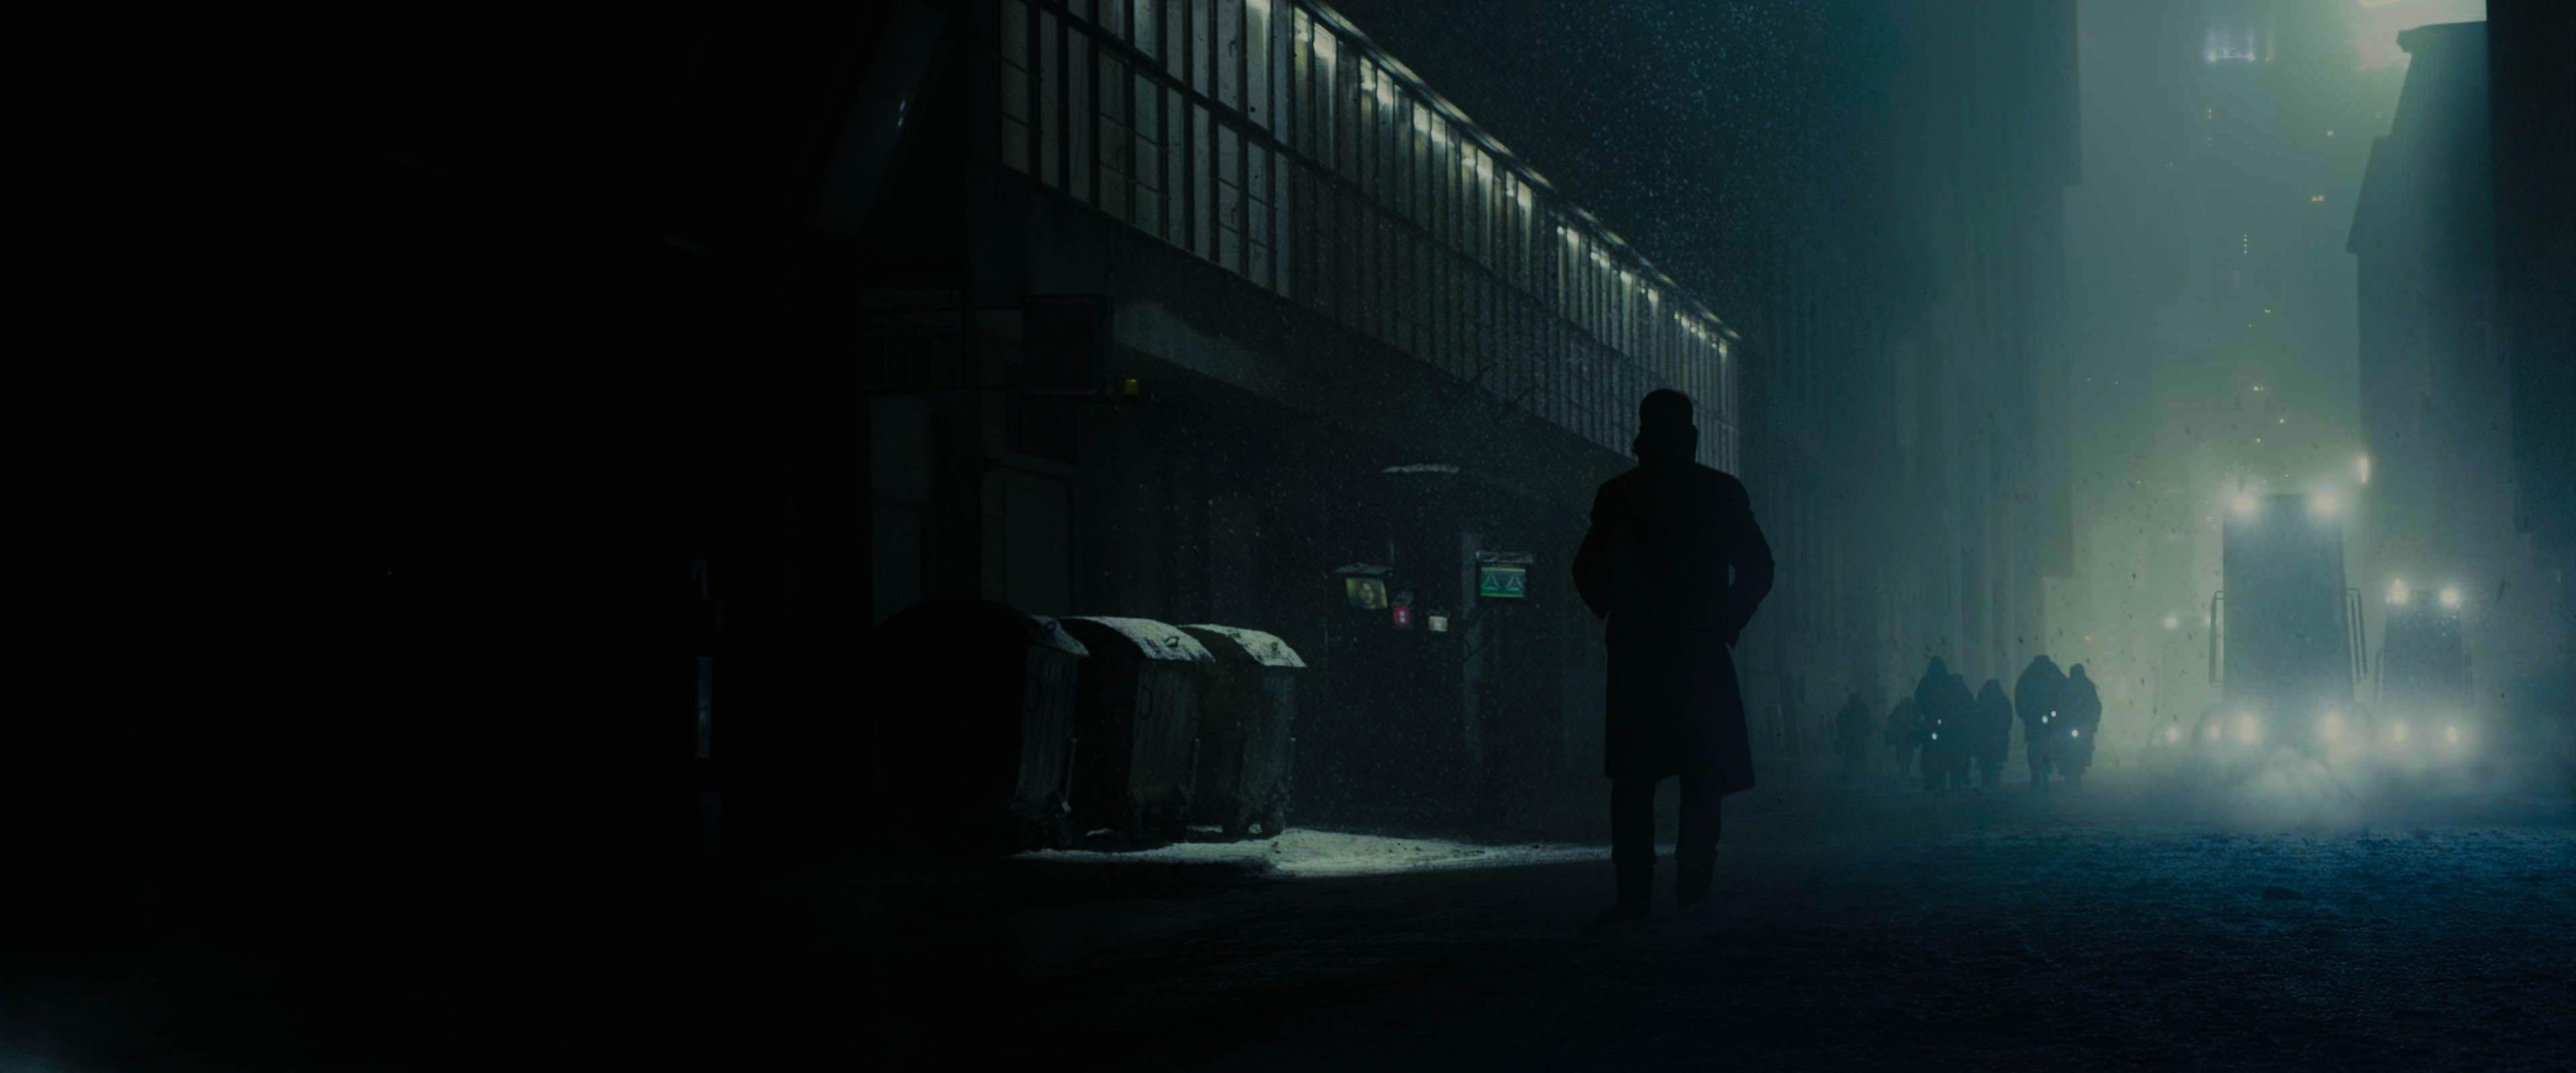 270 Blade Runner 2049 4k Screen Shots Frame Captures Luke Dowding On The Web Blade Runner 2049 Blade Runner Blade Runner City